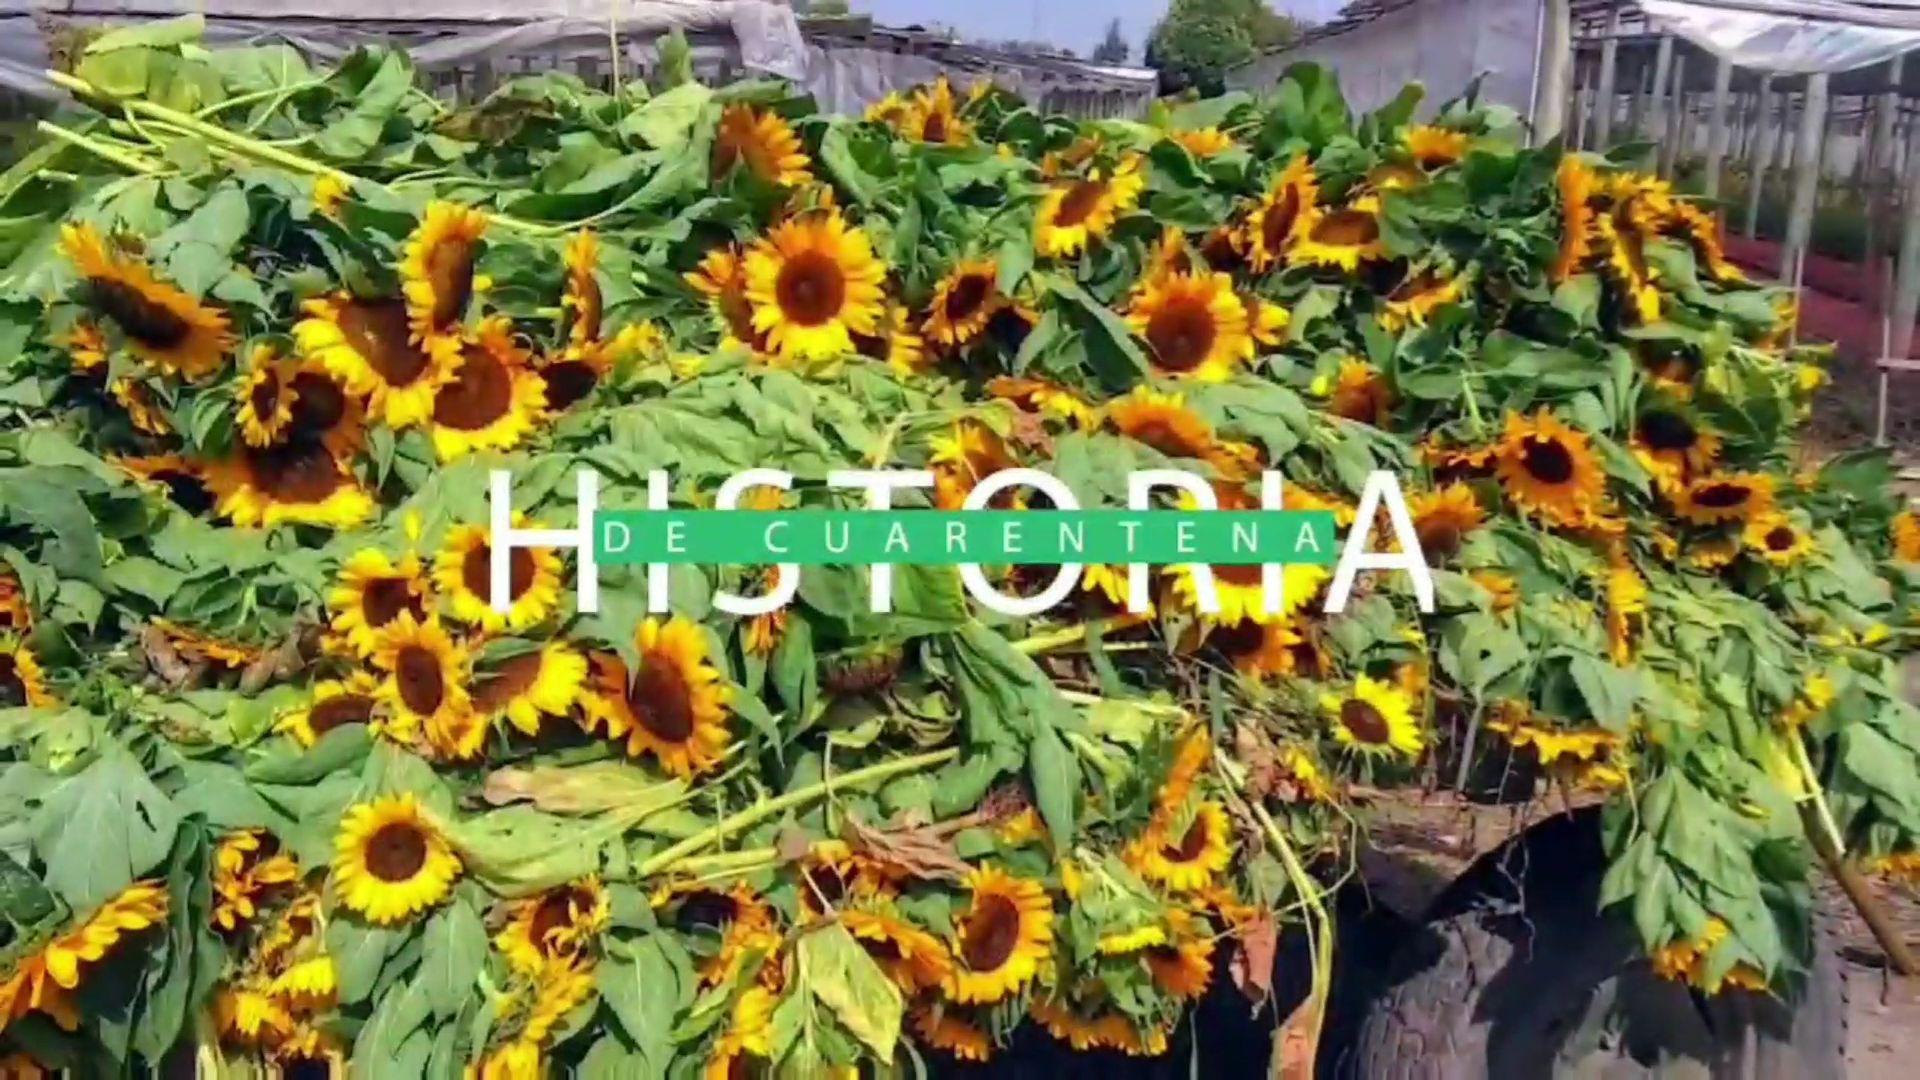 #HistoriasDeCuarentena: La grave situación que viven los productores de flores y plantas